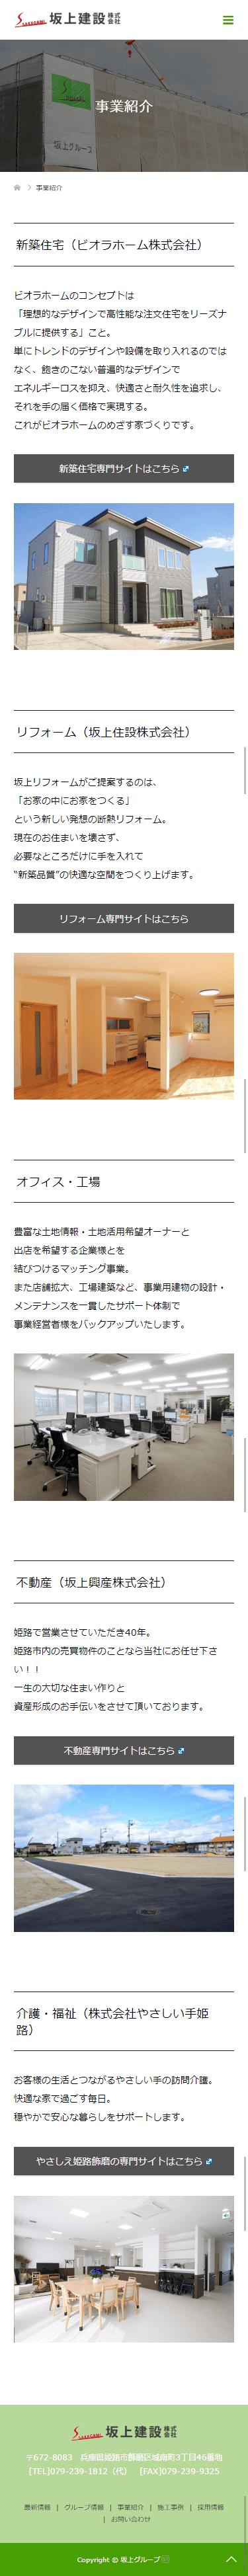 姫路市 坂上建設株式会社 ホームページ制作4